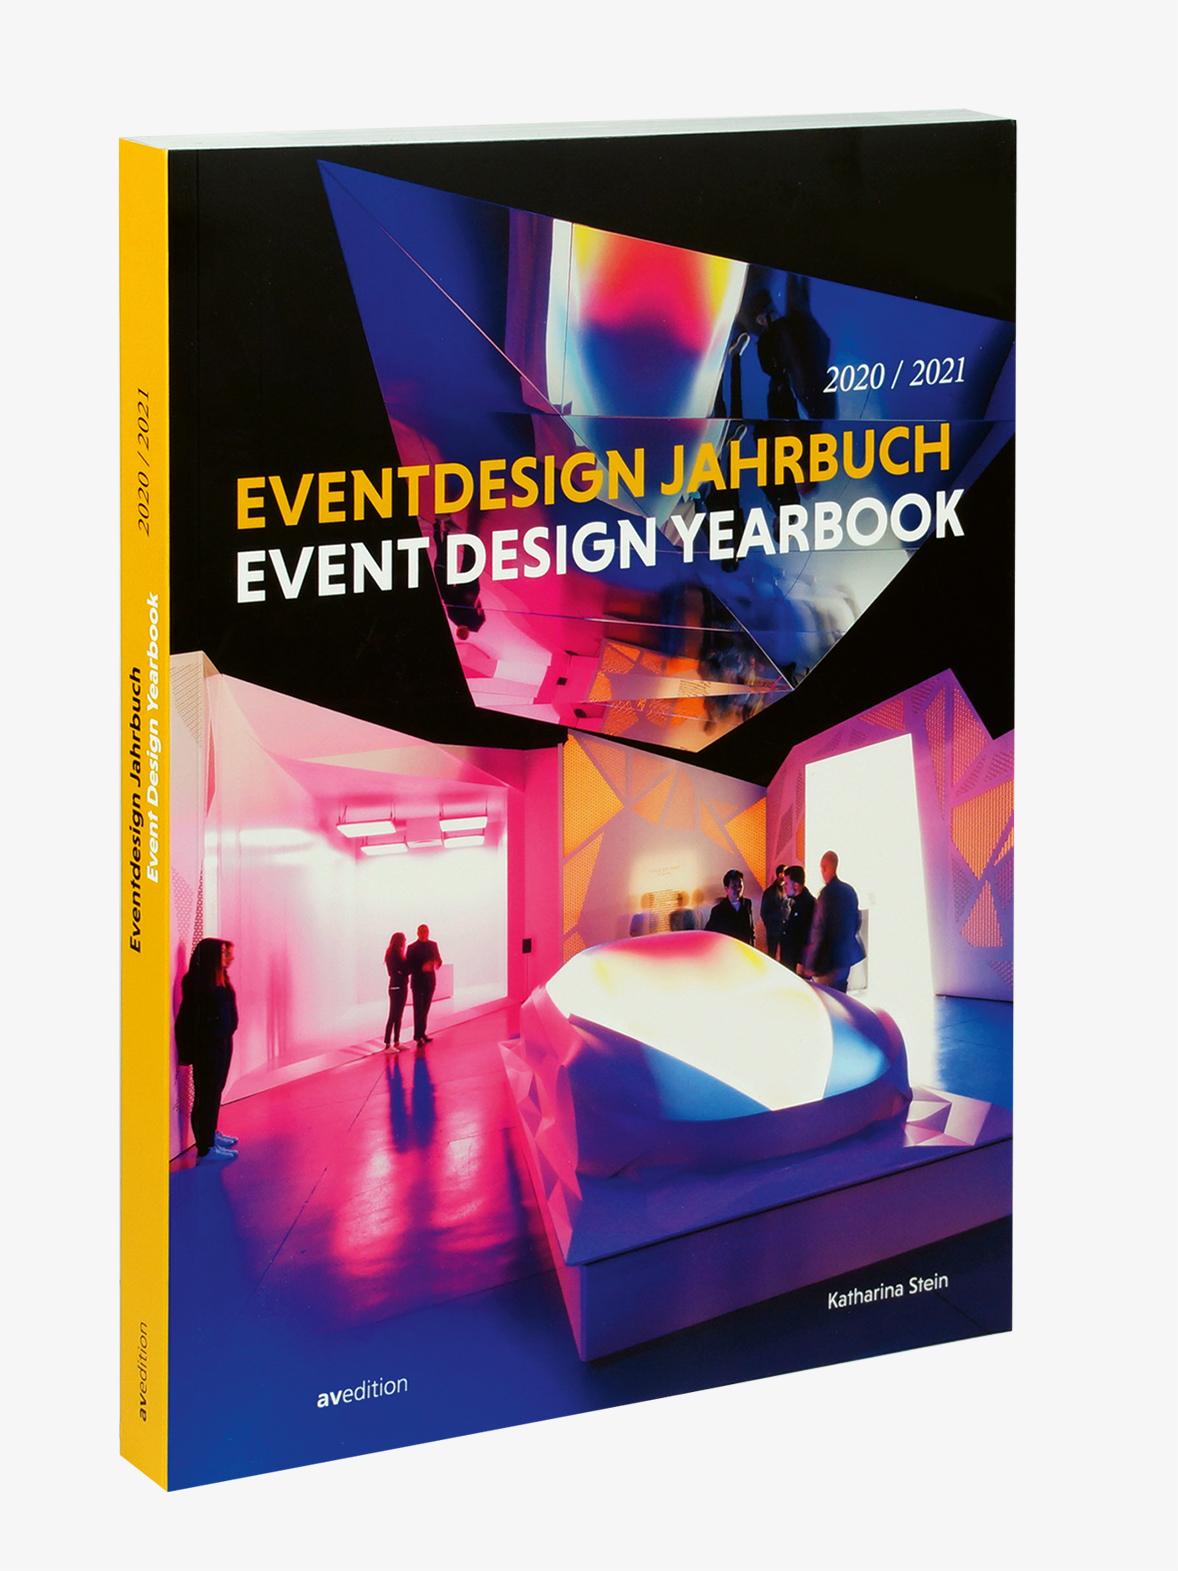 Eventdesign Jahrbuch 2020 / 2021